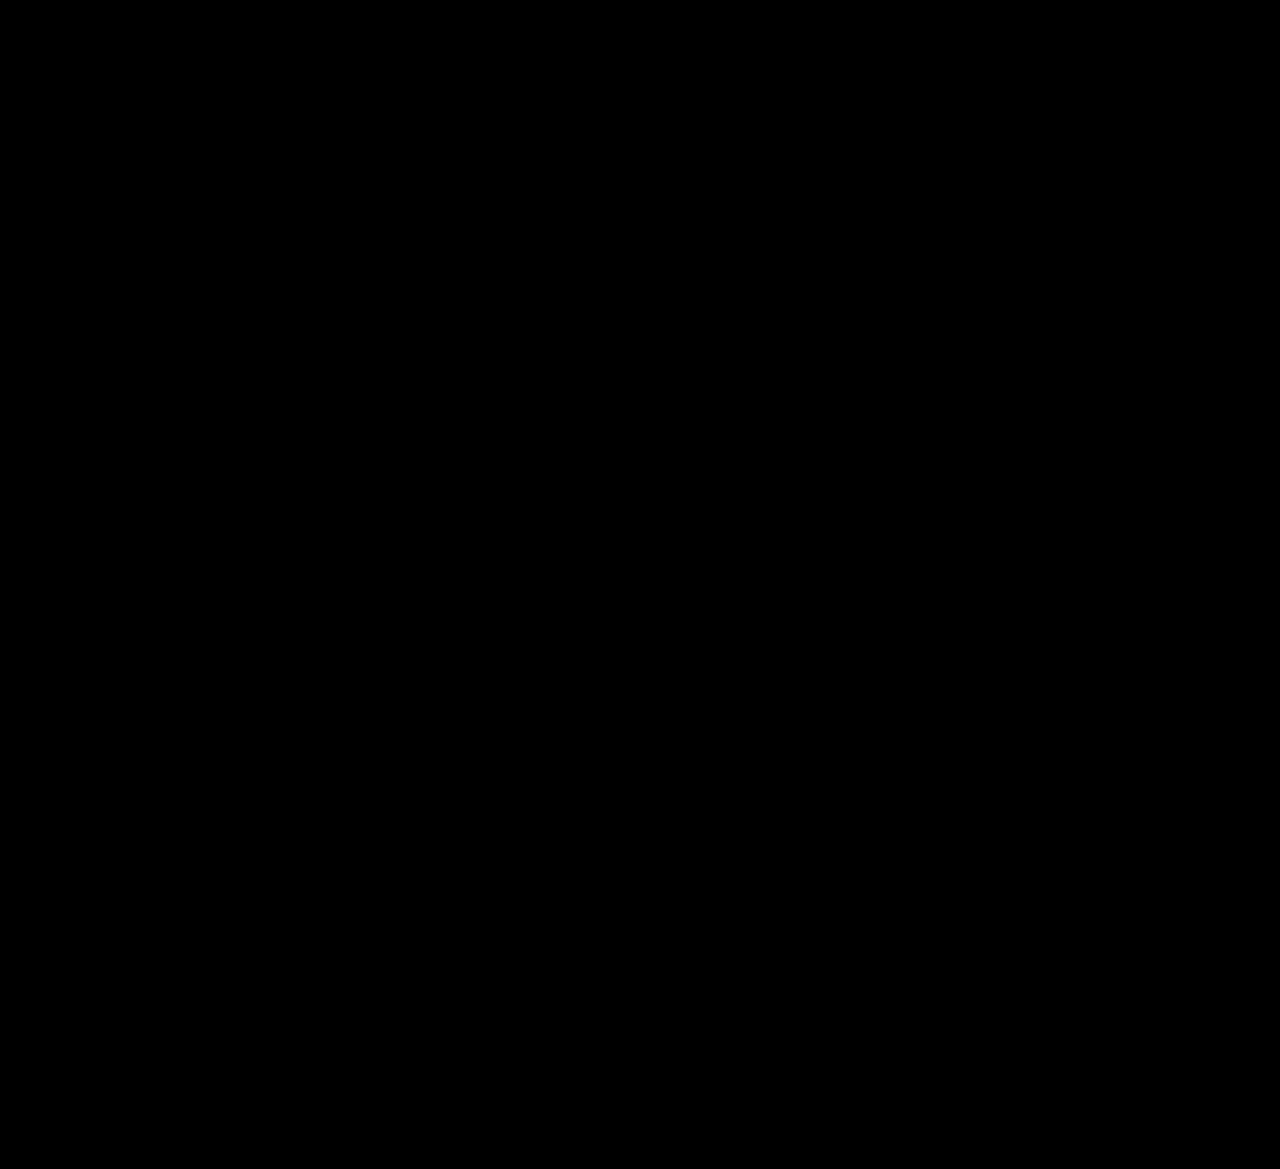 mussel-303432_1280